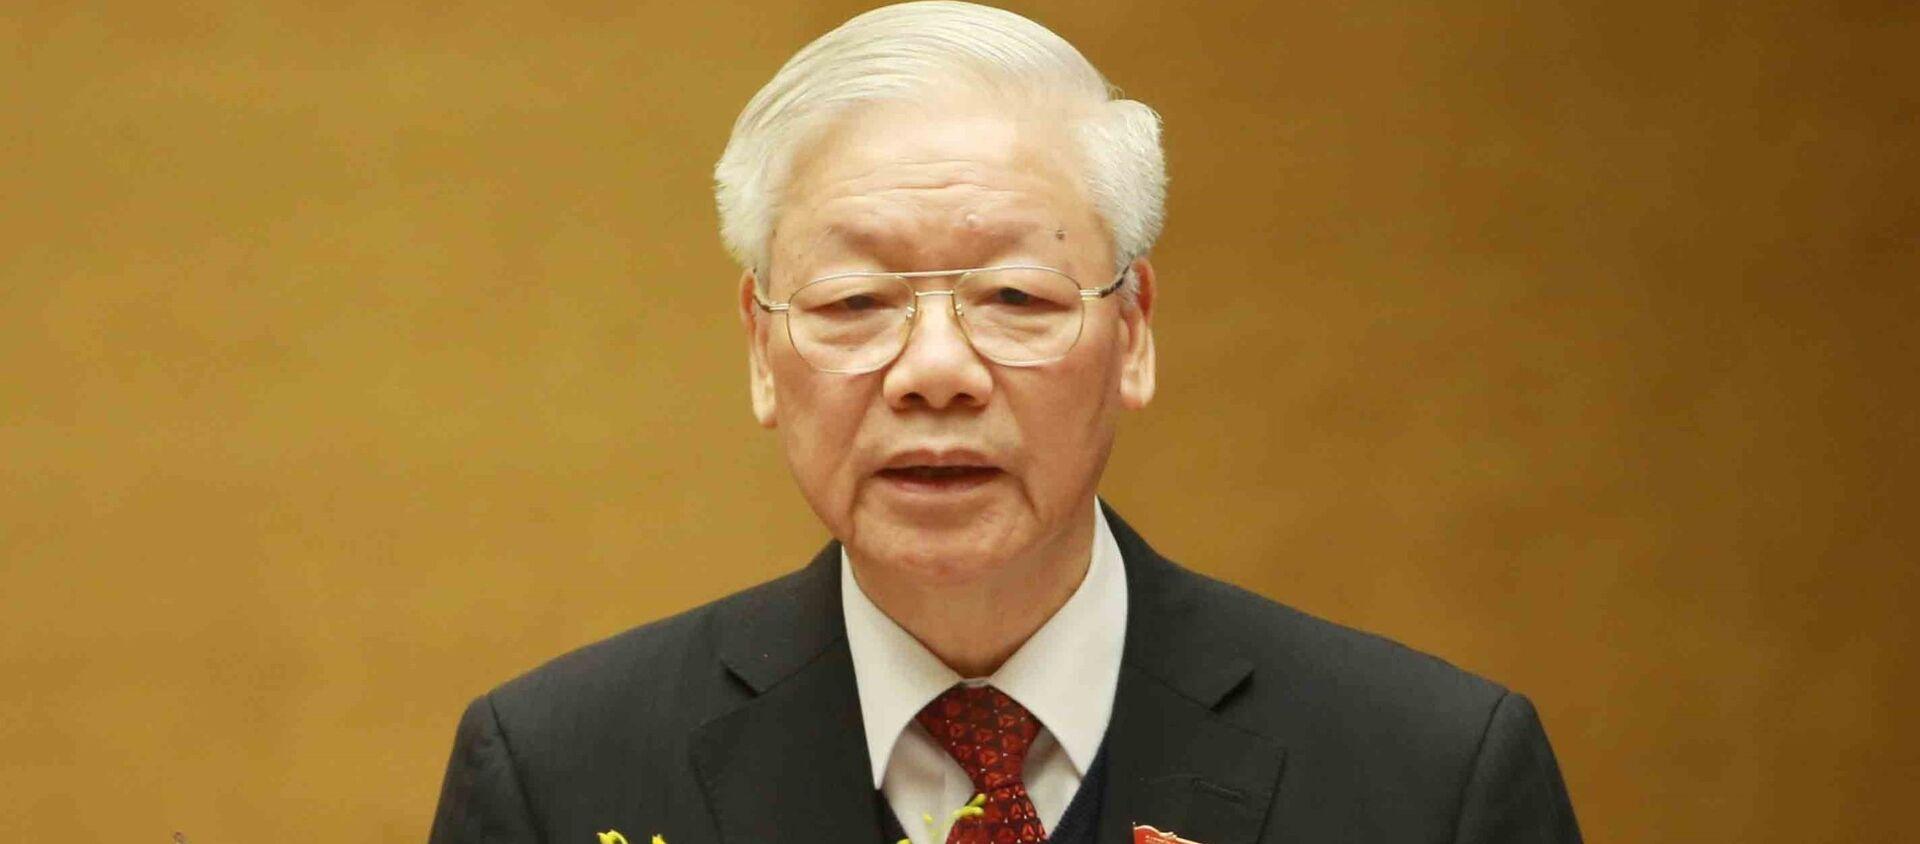 Tổng Bí thư, Chủ tịch nước Nguyễn Phú Trọng trình bày Báo cáo tổng kết nhiệm kỳ 2016 - 2021 của Chủ tịch nước. - Sputnik Việt Nam, 1920, 24.03.2021